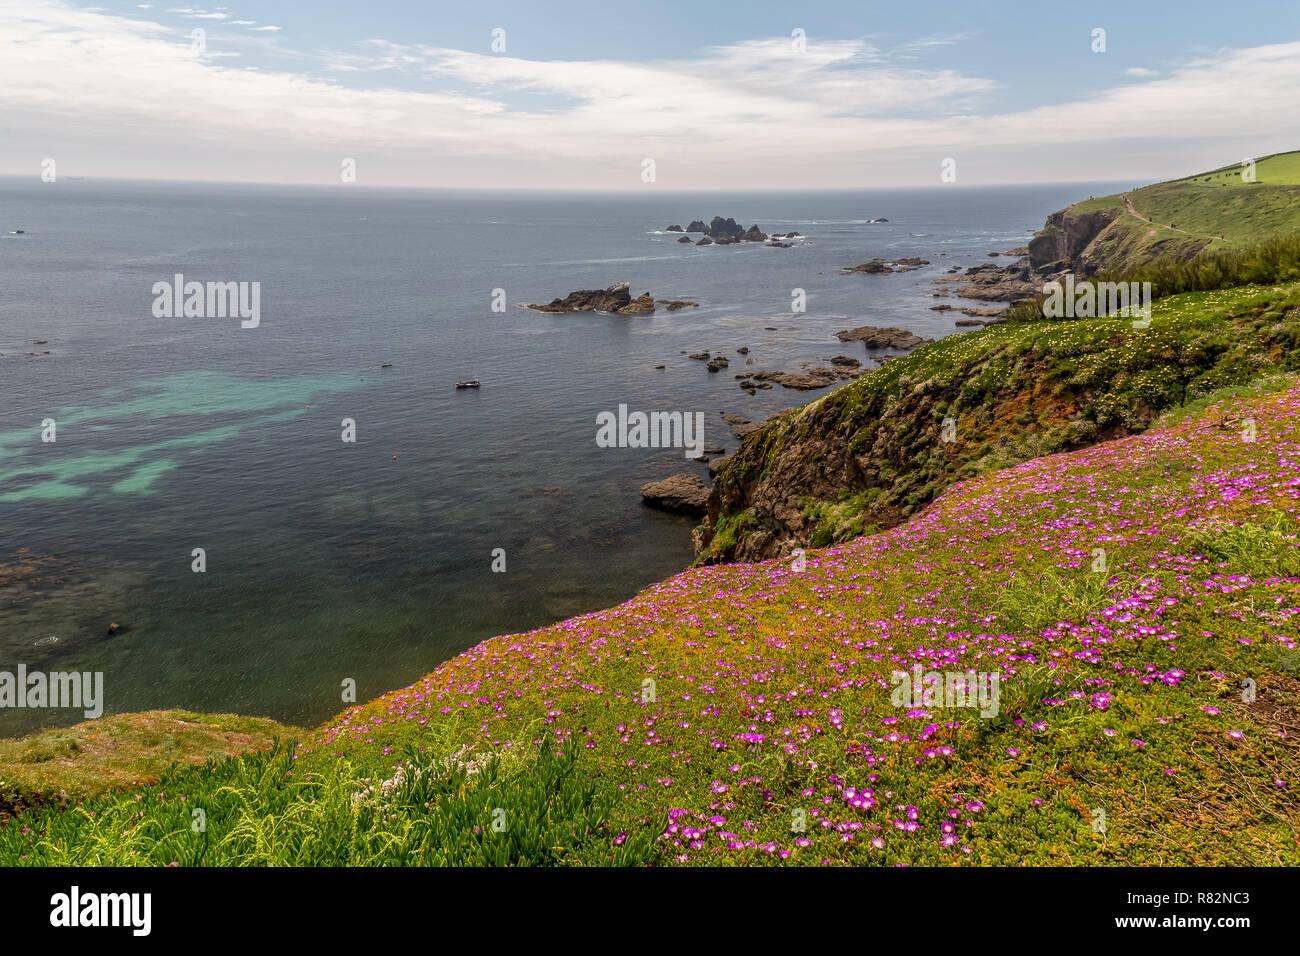 El rocoso, escarpado litoral,y a la sombra de las playas de Cornwall en Inglaterra. Imagen De Stock